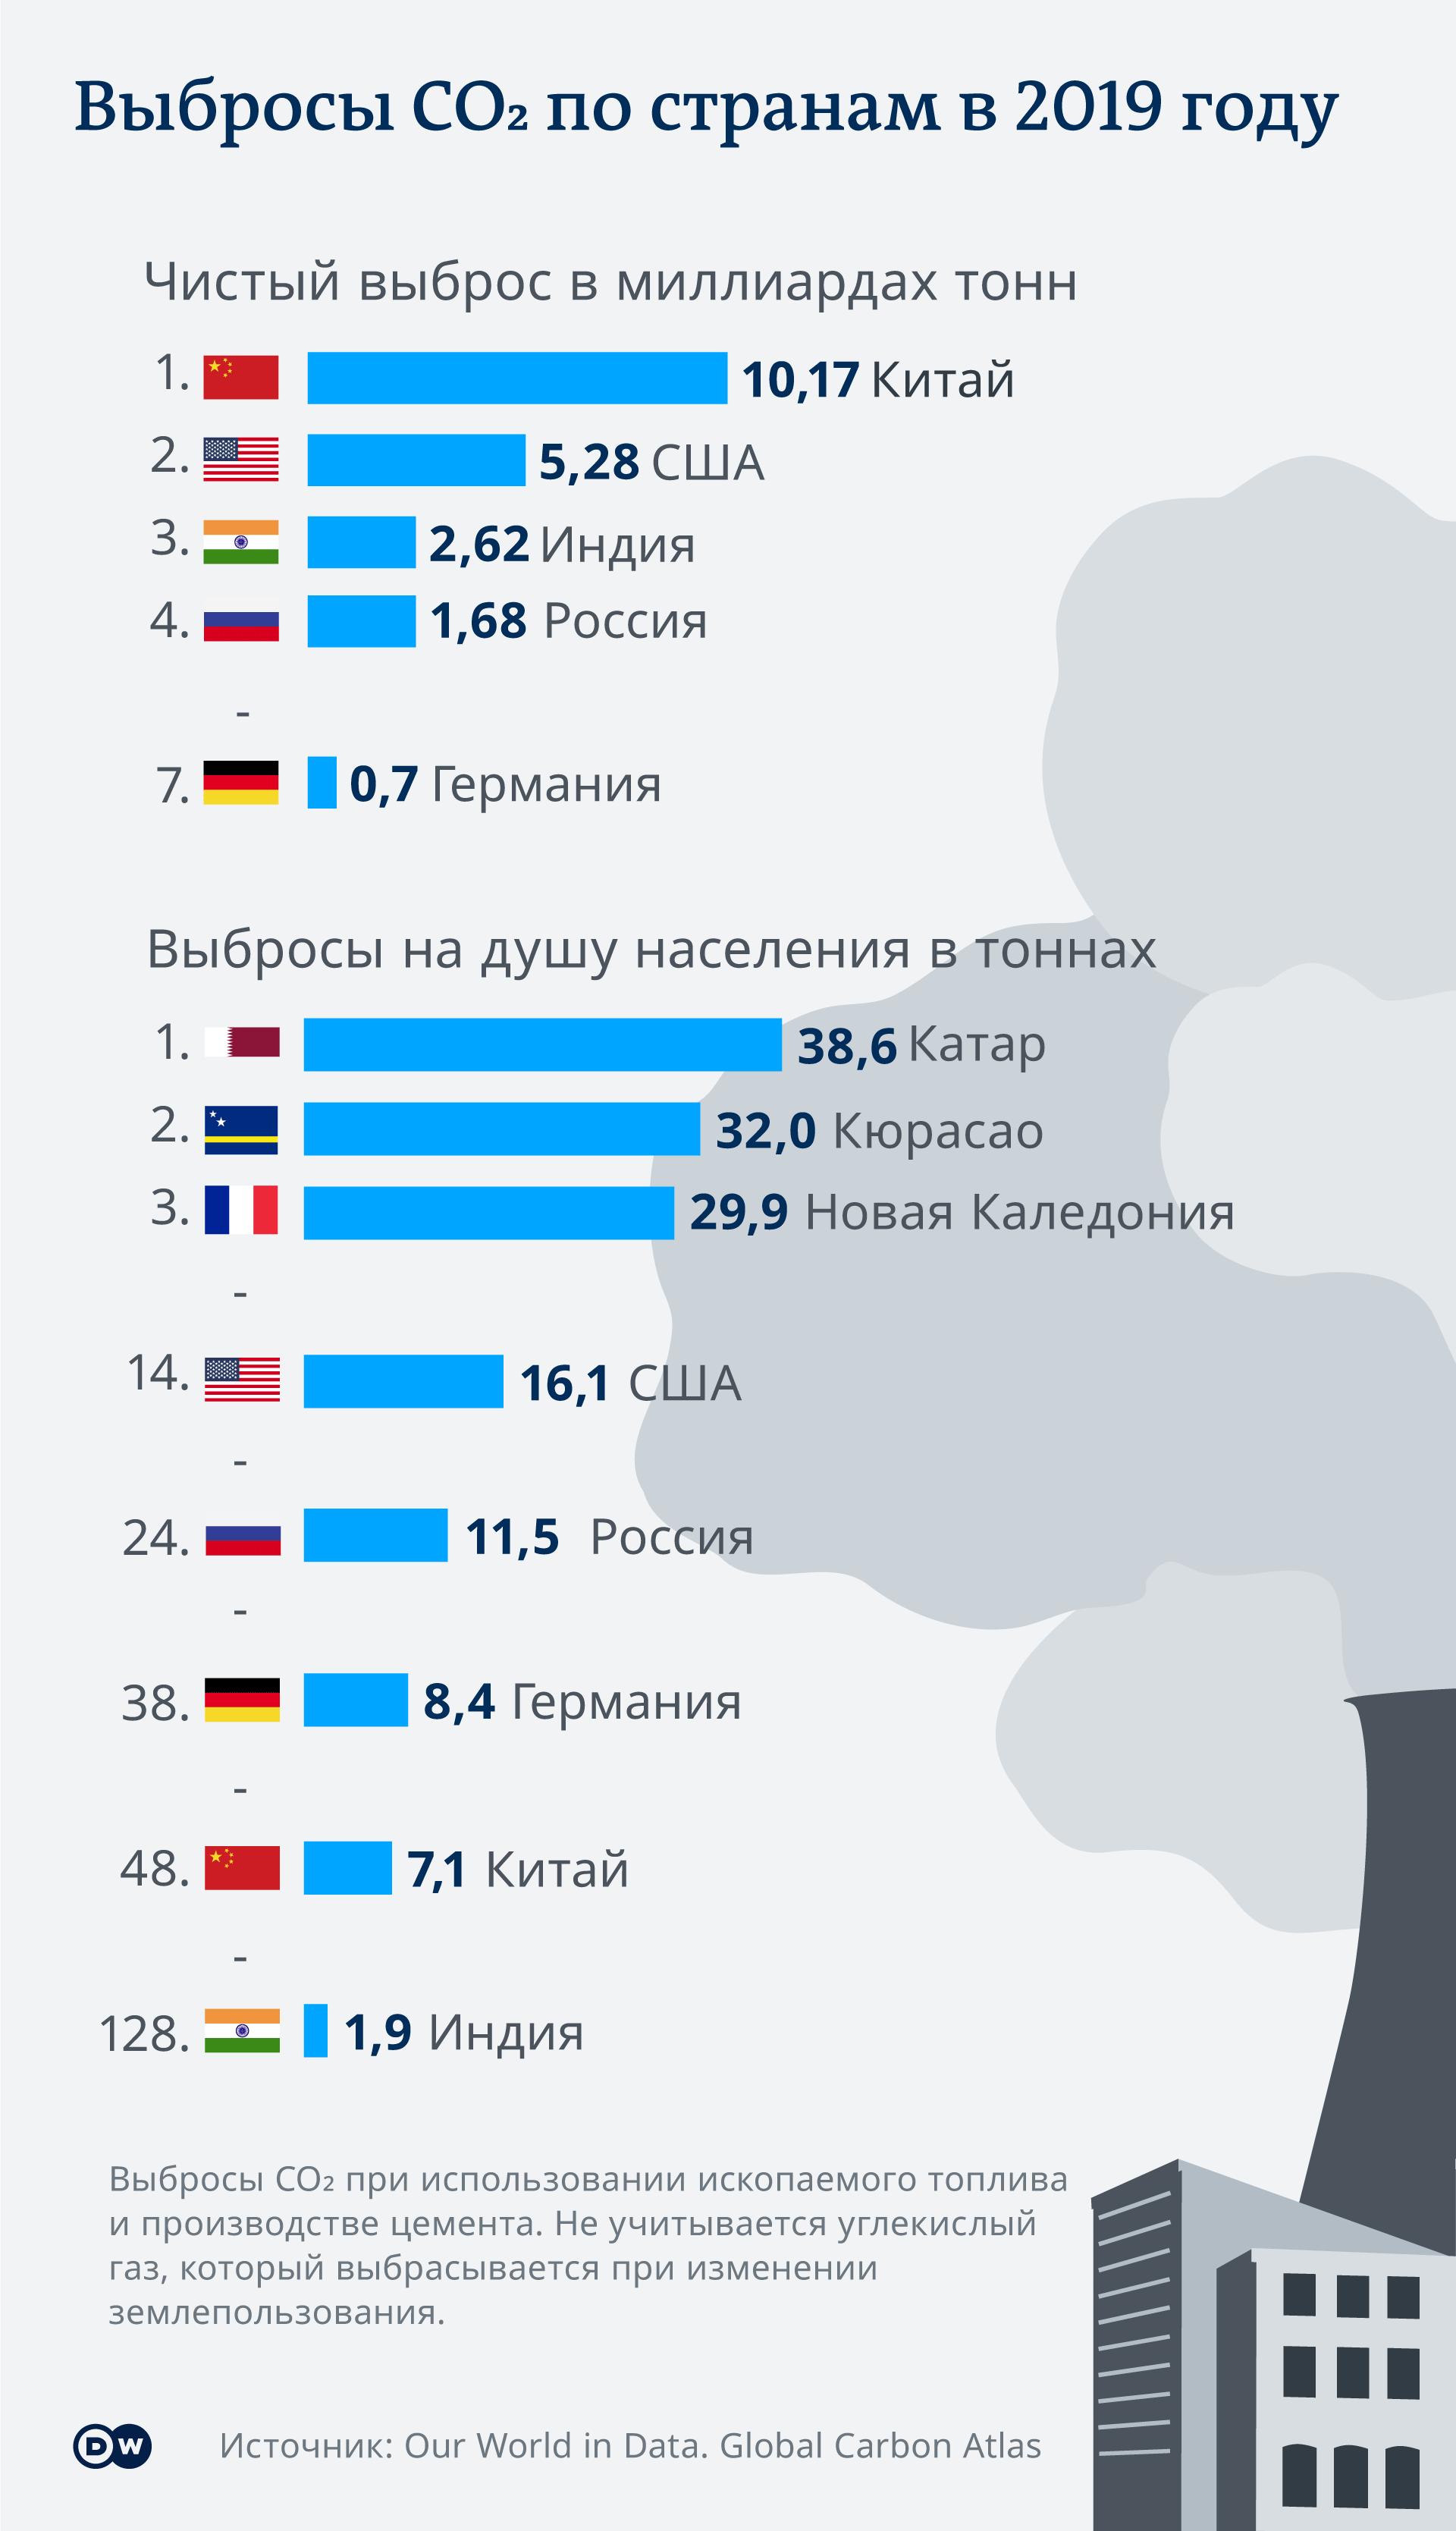 Инфографика: Выбросы CO2 по странам мира